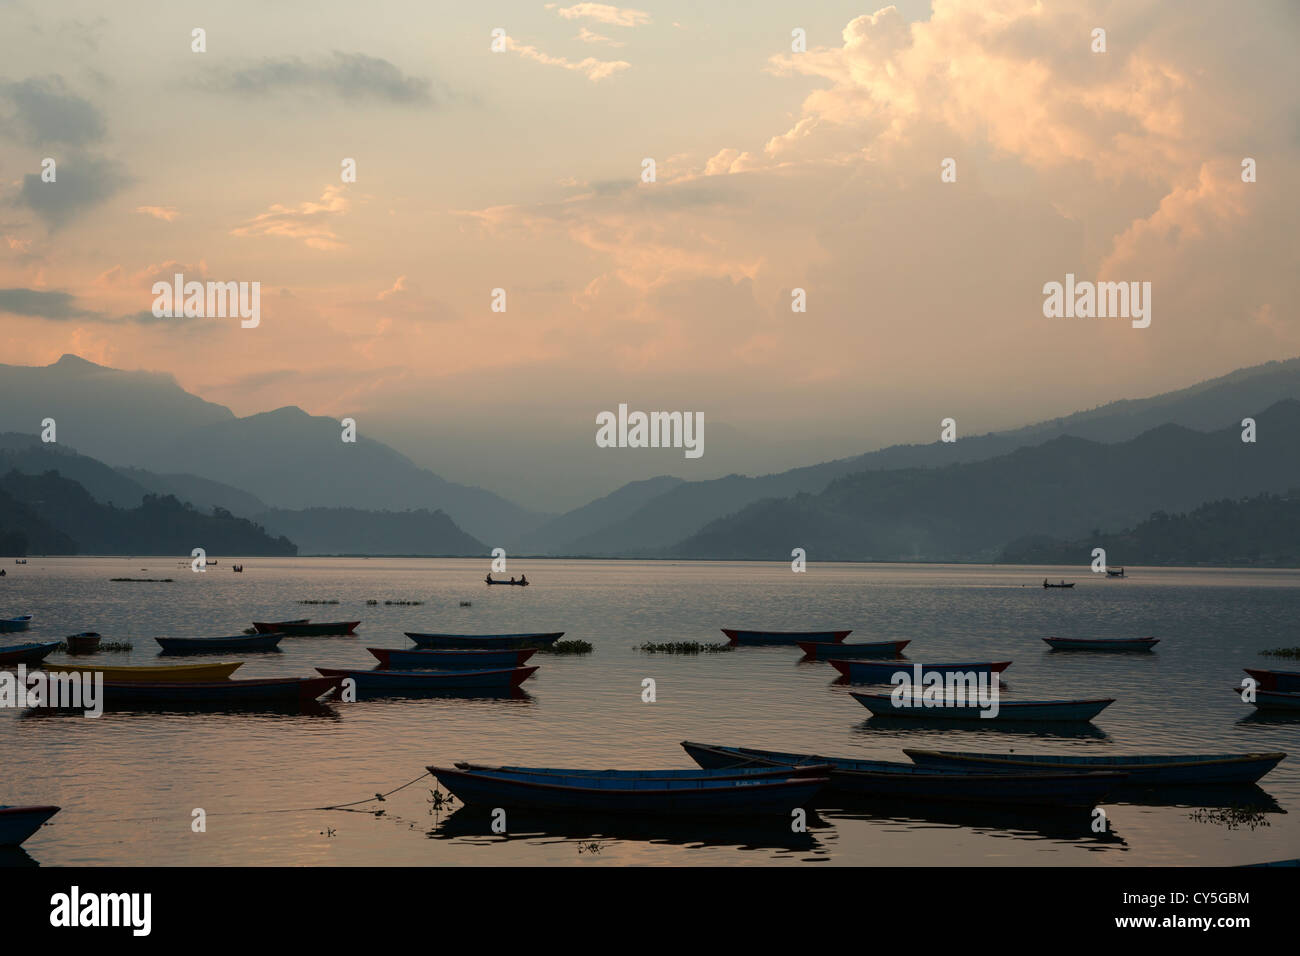 Sunset over Phewa lake in Pokhara, Nepal - Stock Image